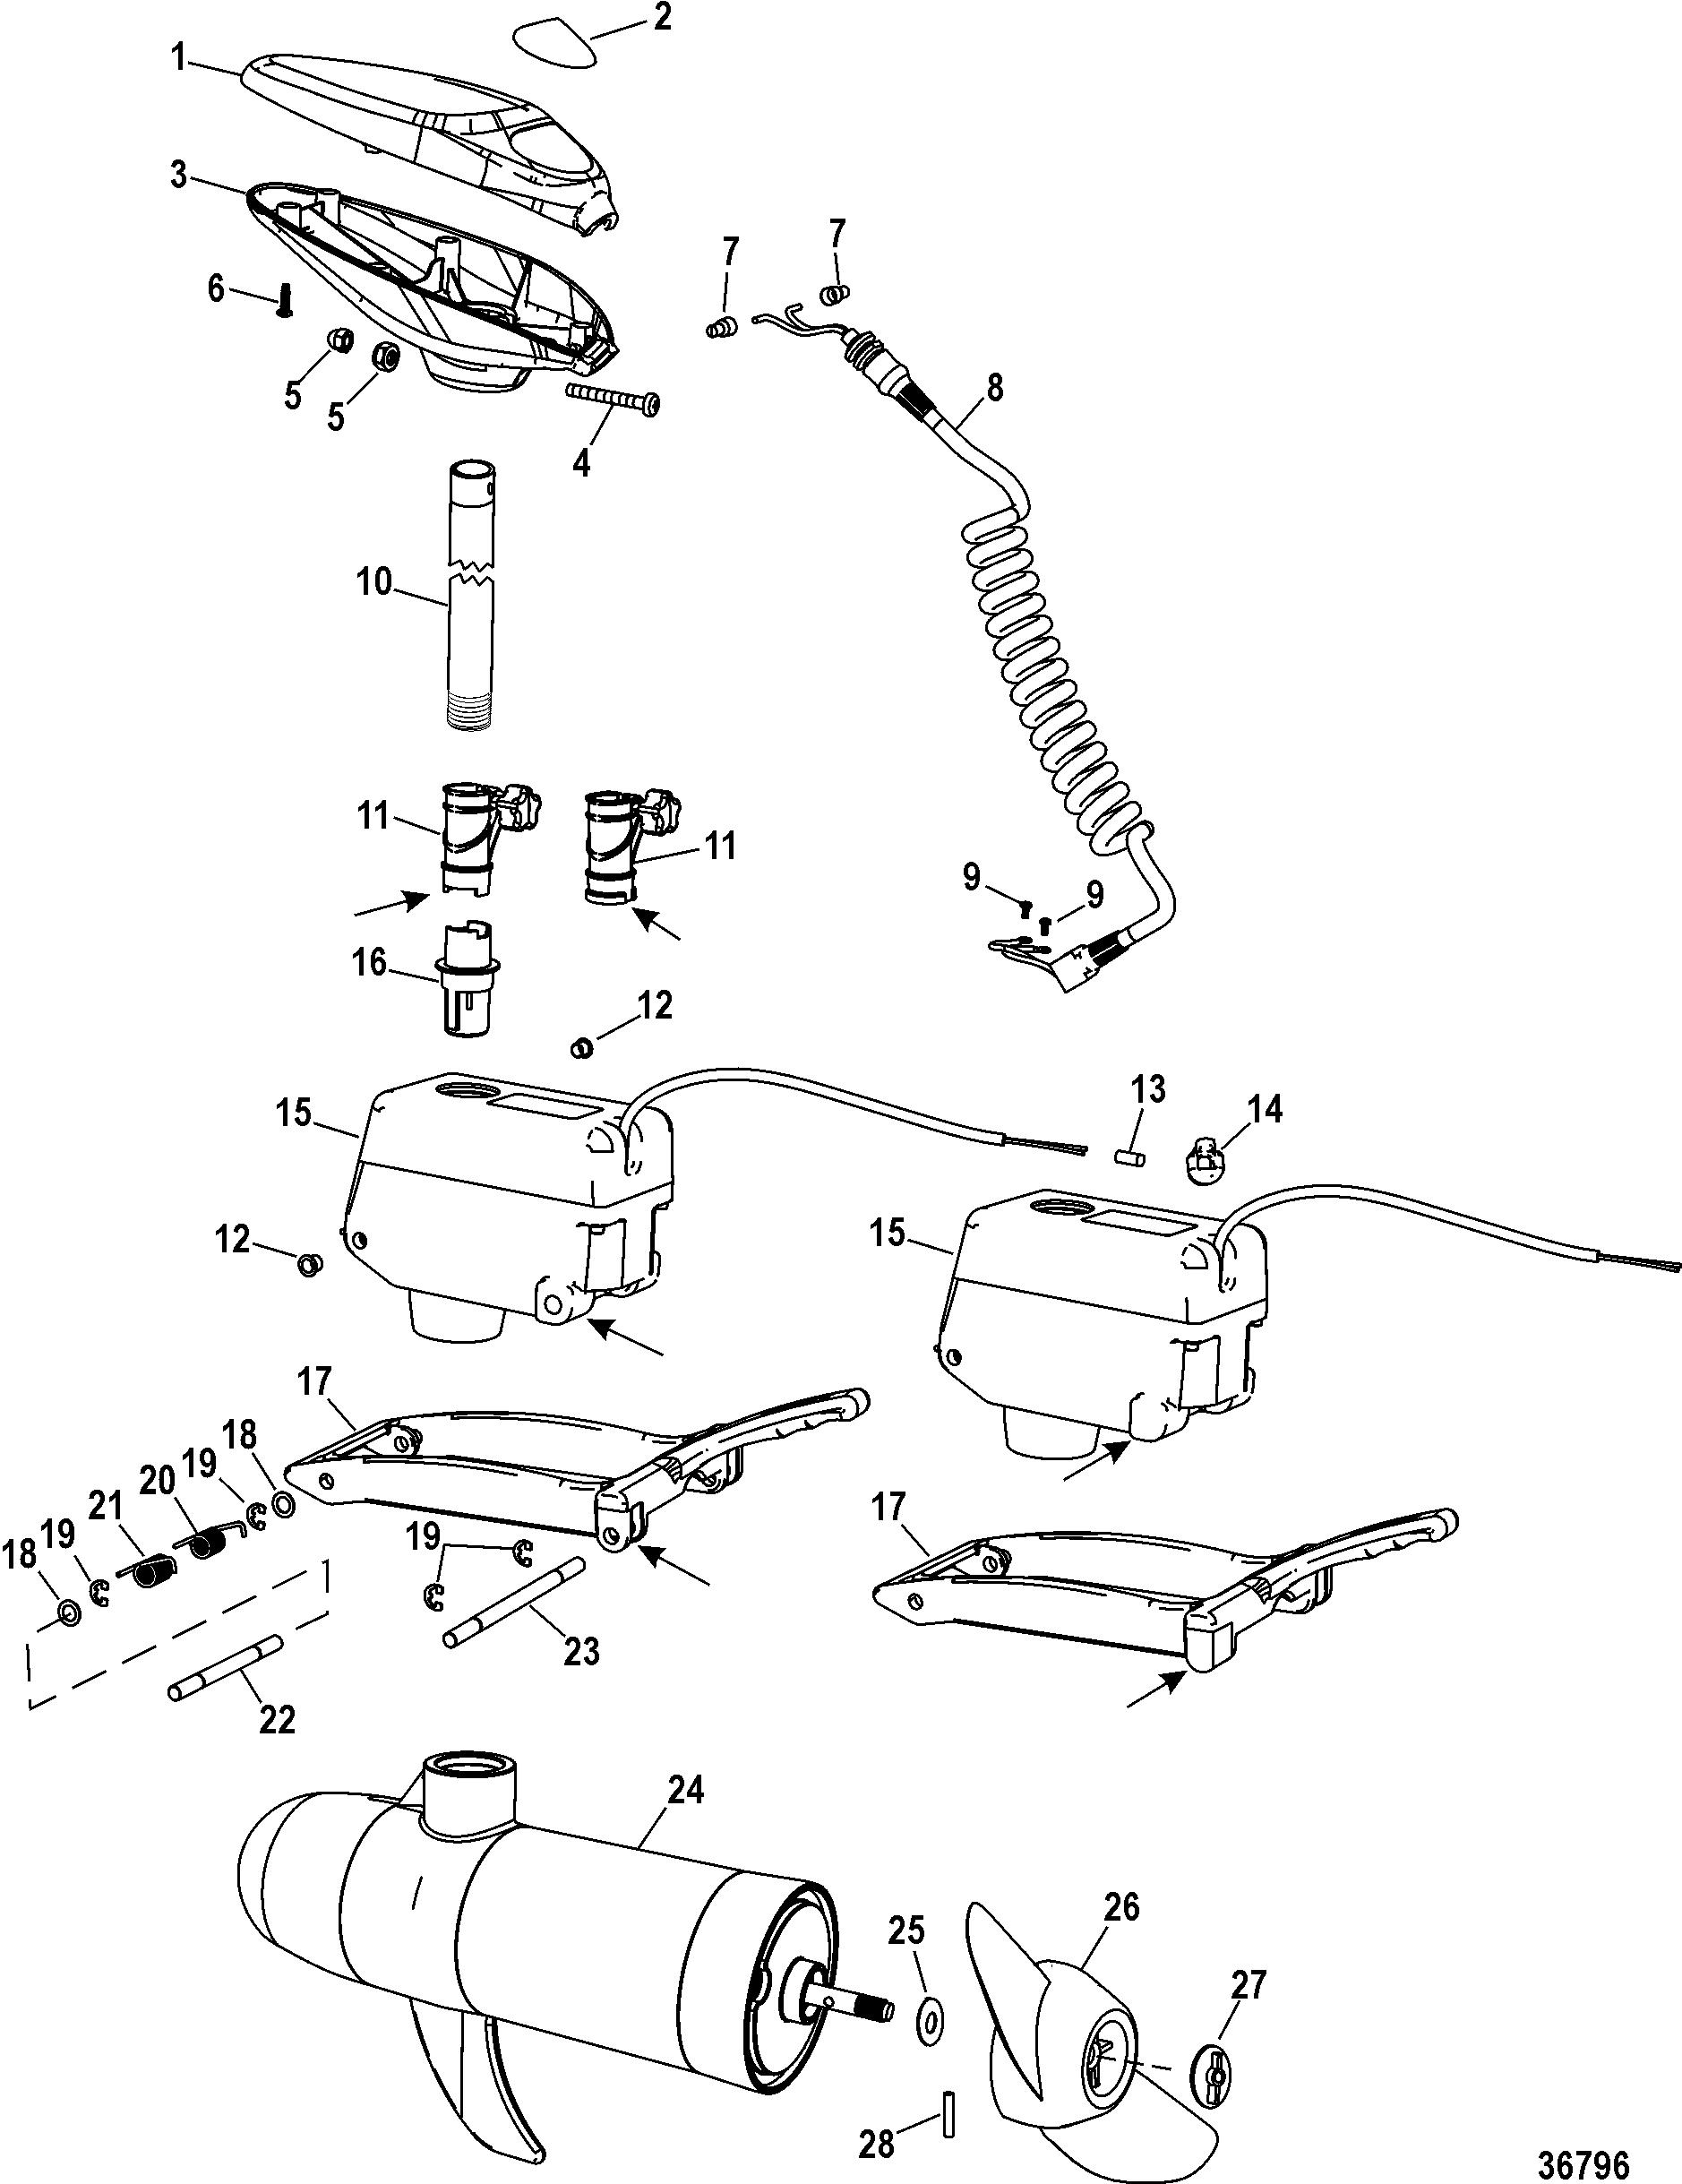 Trolling Motor Repair